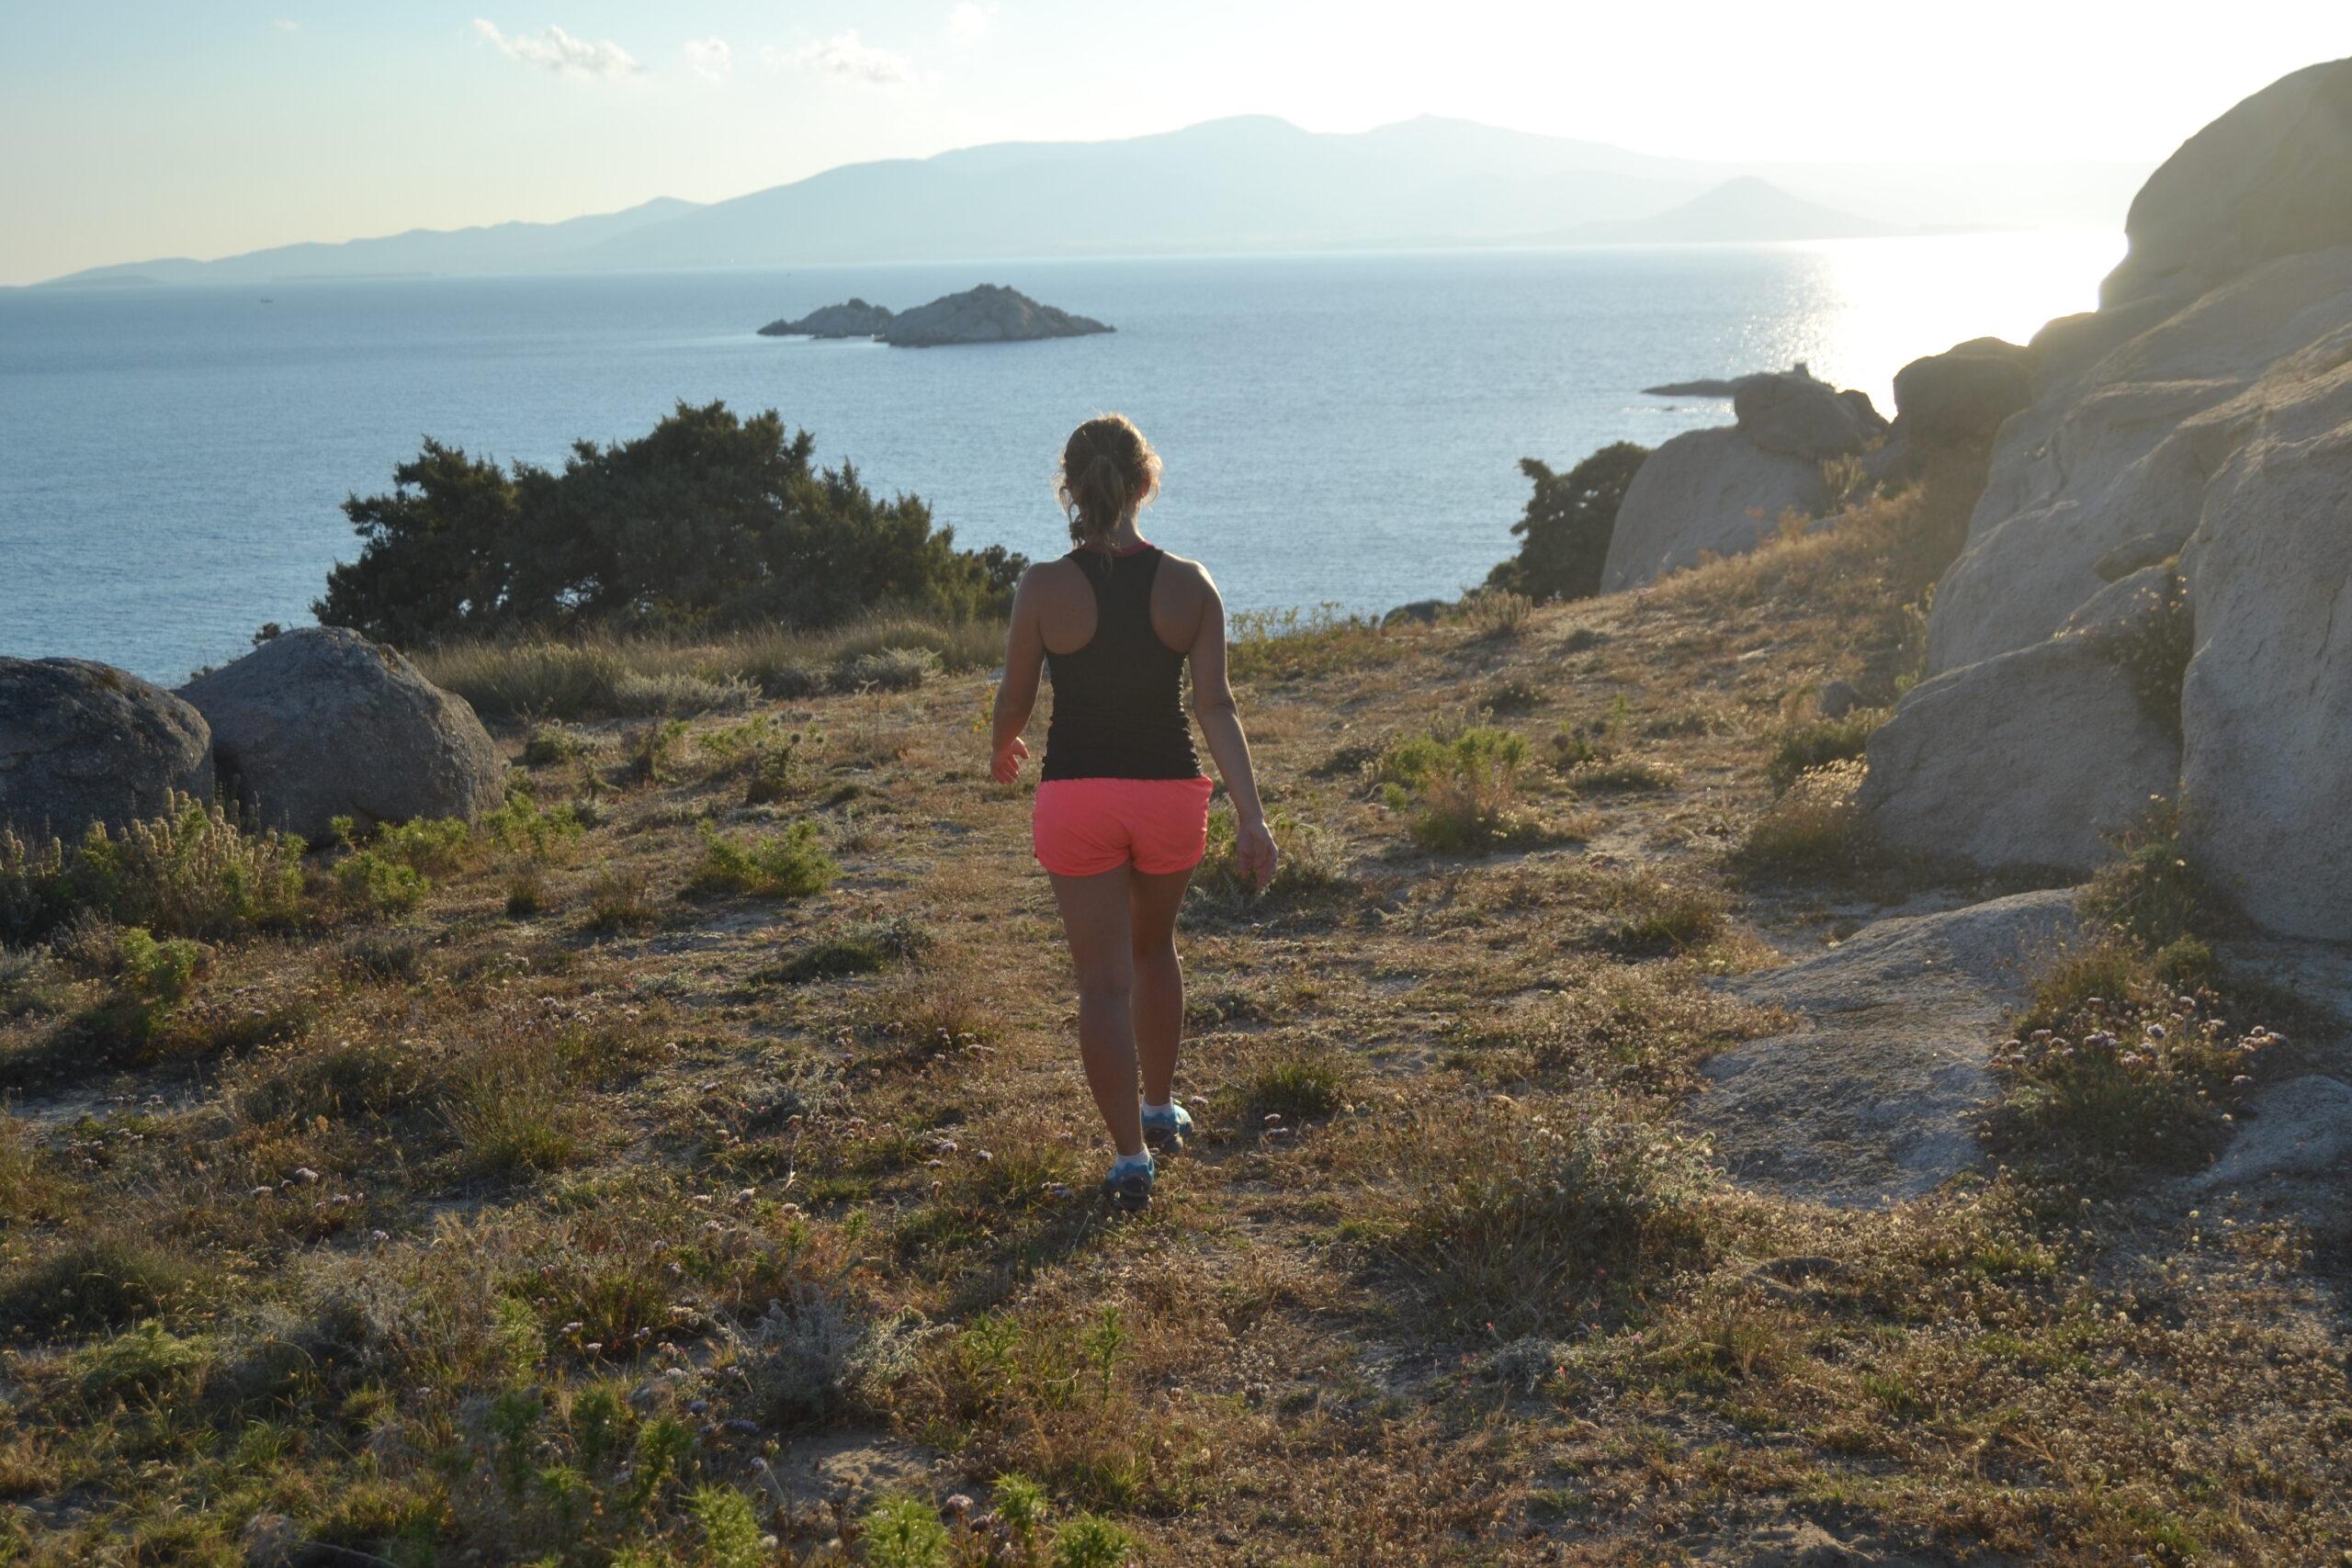 Träning i solen – sola säkert